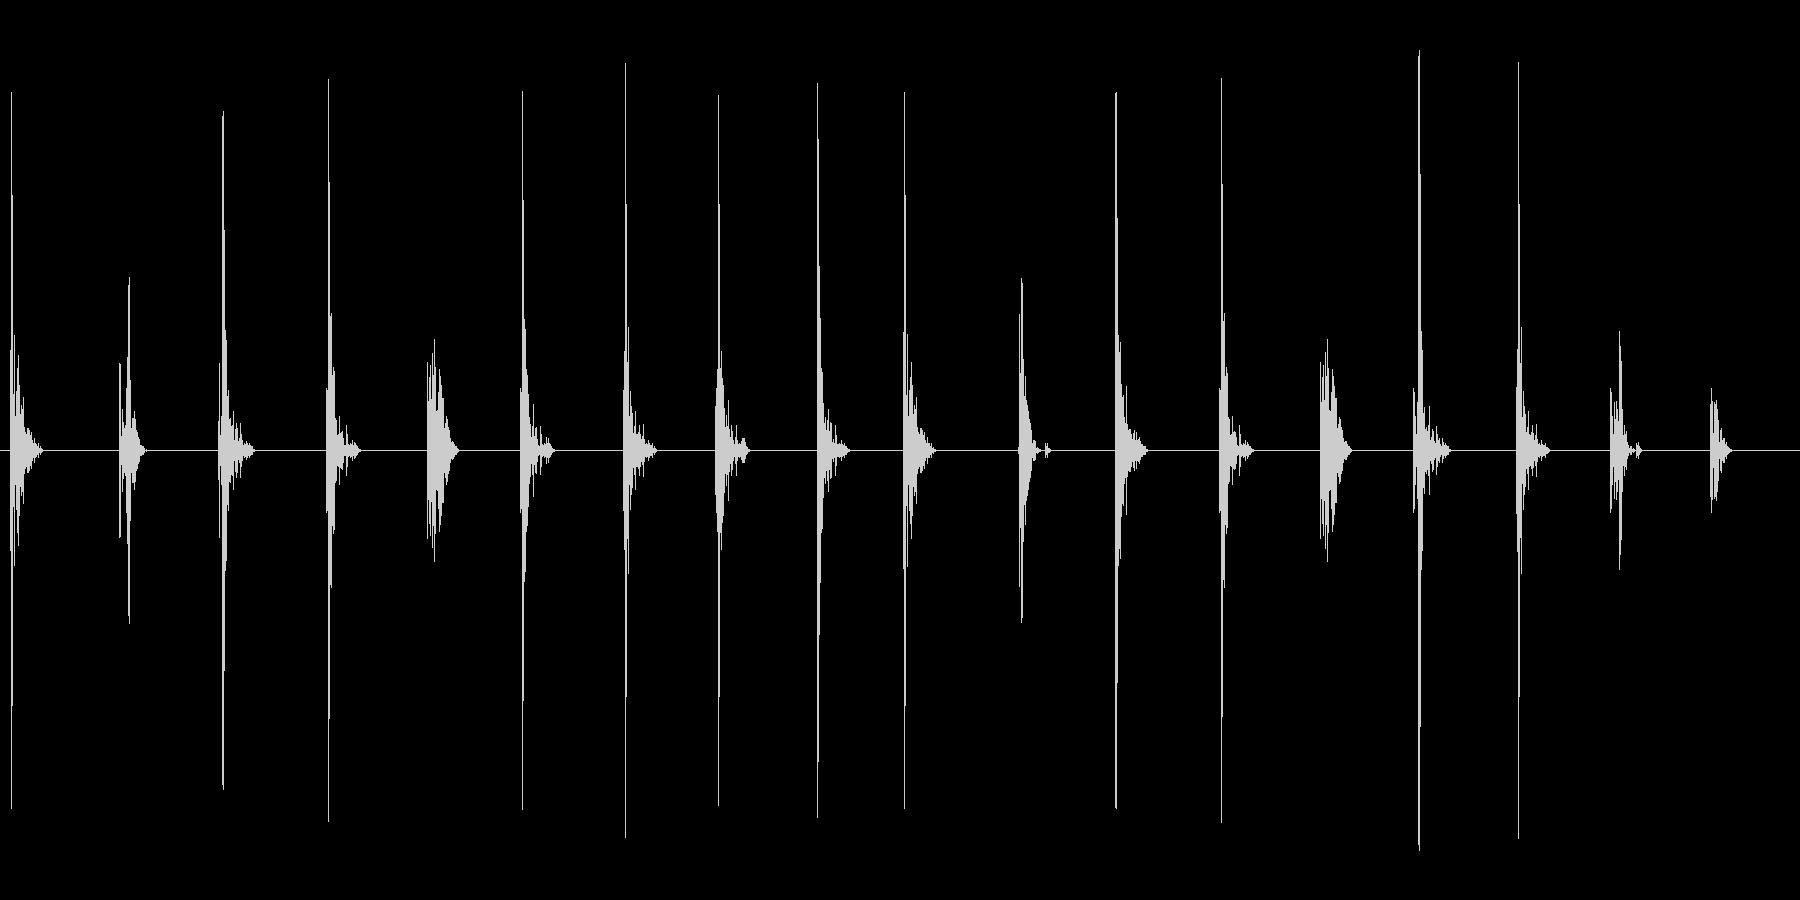 足音 ループ可の未再生の波形